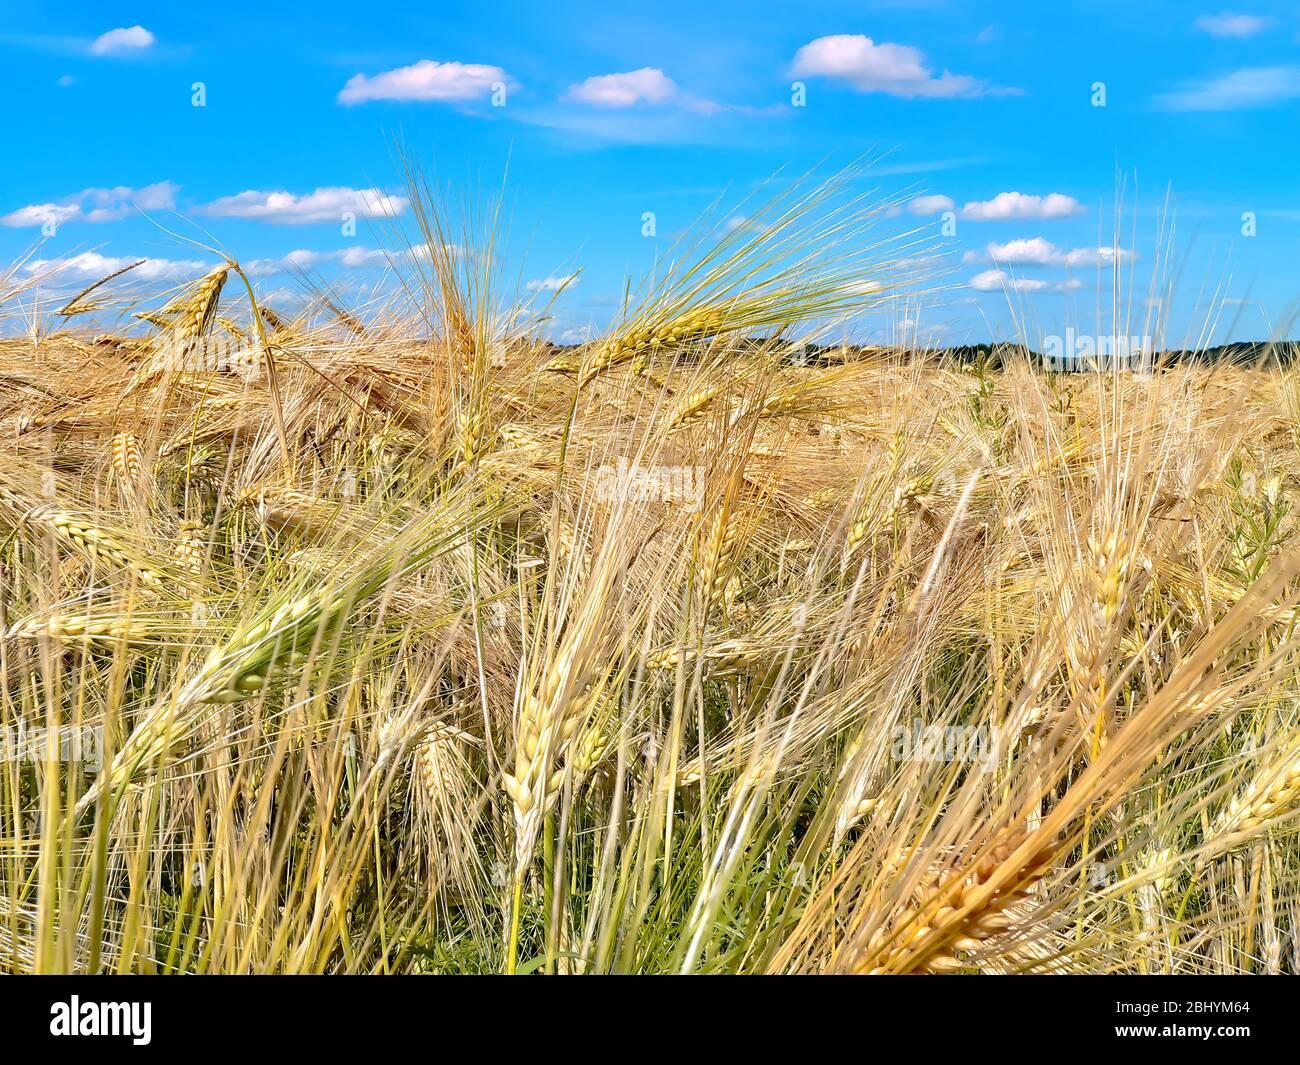 Ein Getreidefeld, das zur Ernte unter dem blauen Himmel heranreift. Stockfoto